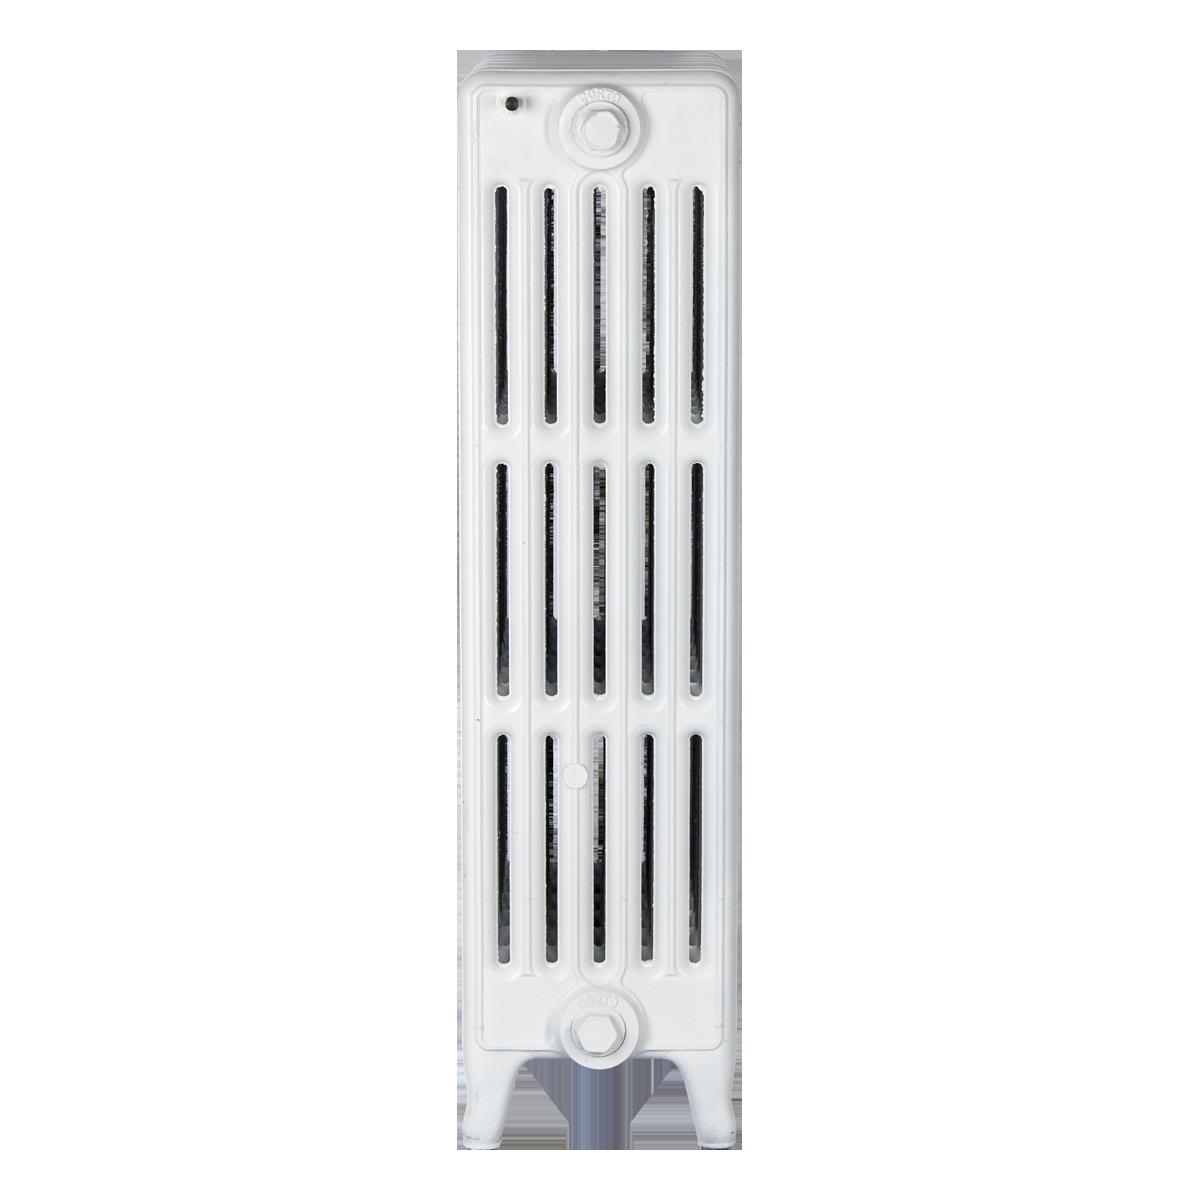 Ironworks Radiators Inc. classic column, square top radiator